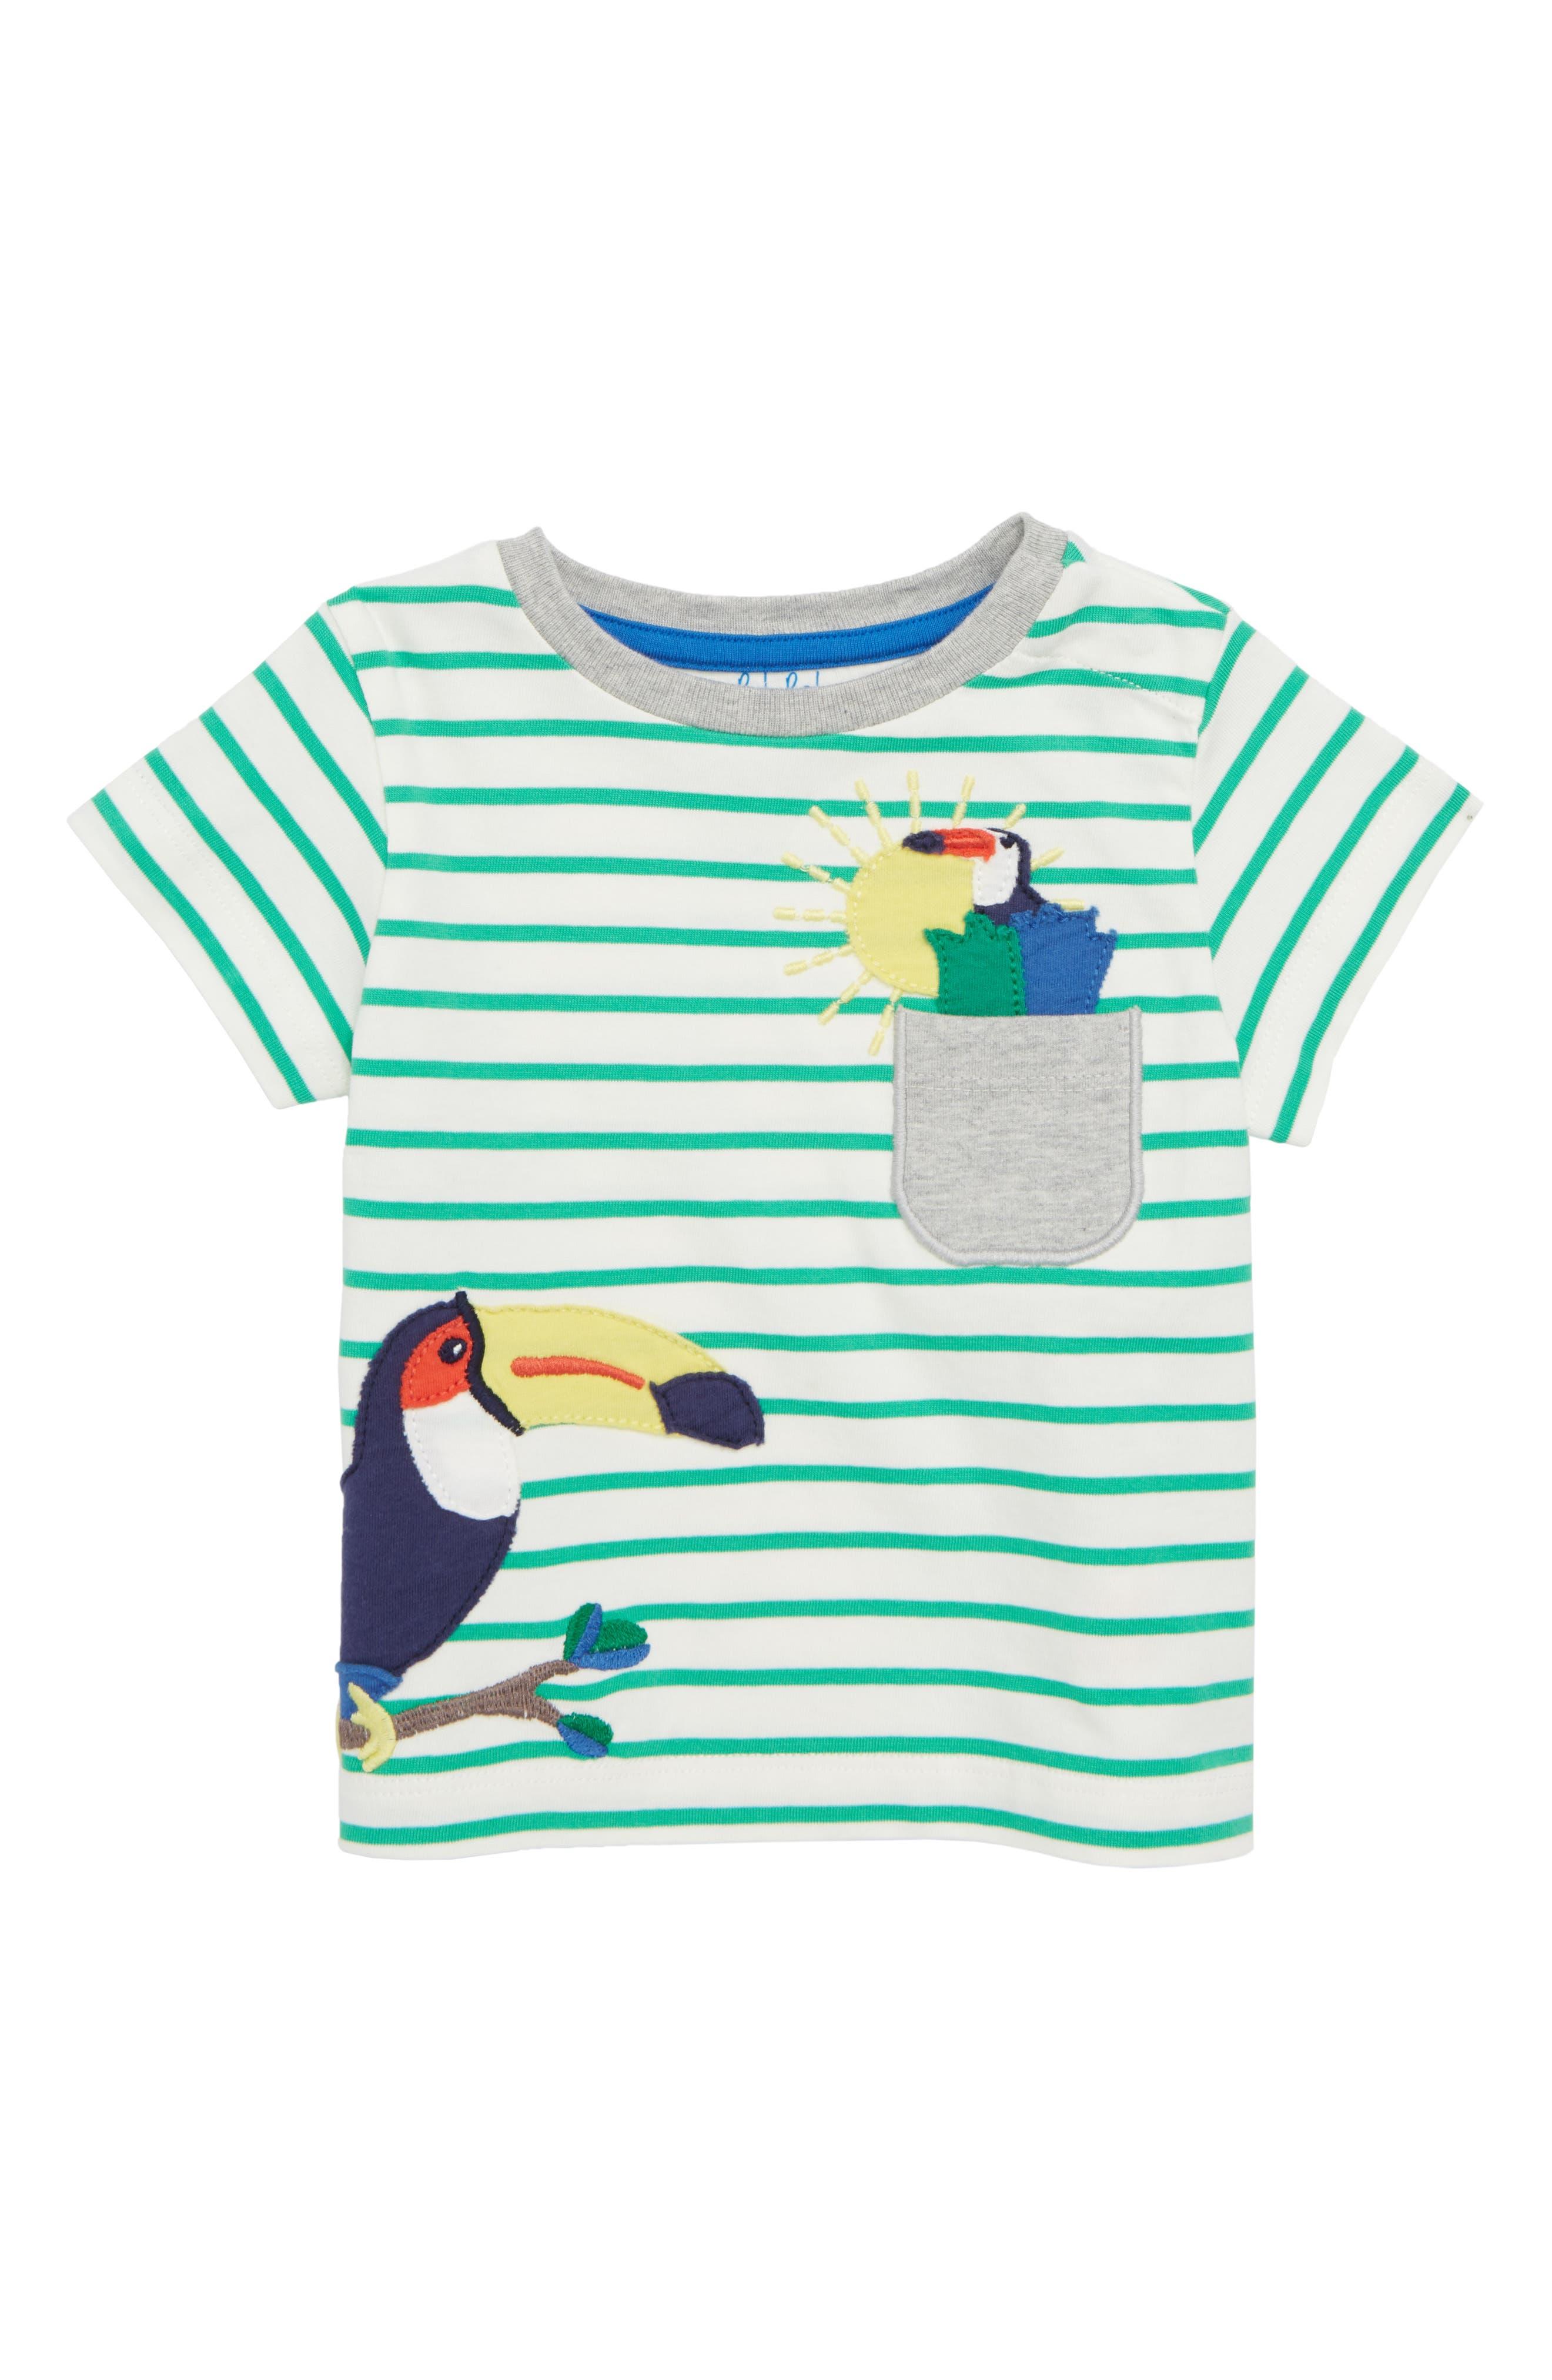 Pocket Friends T-Shirt,                         Main,                         color, 315